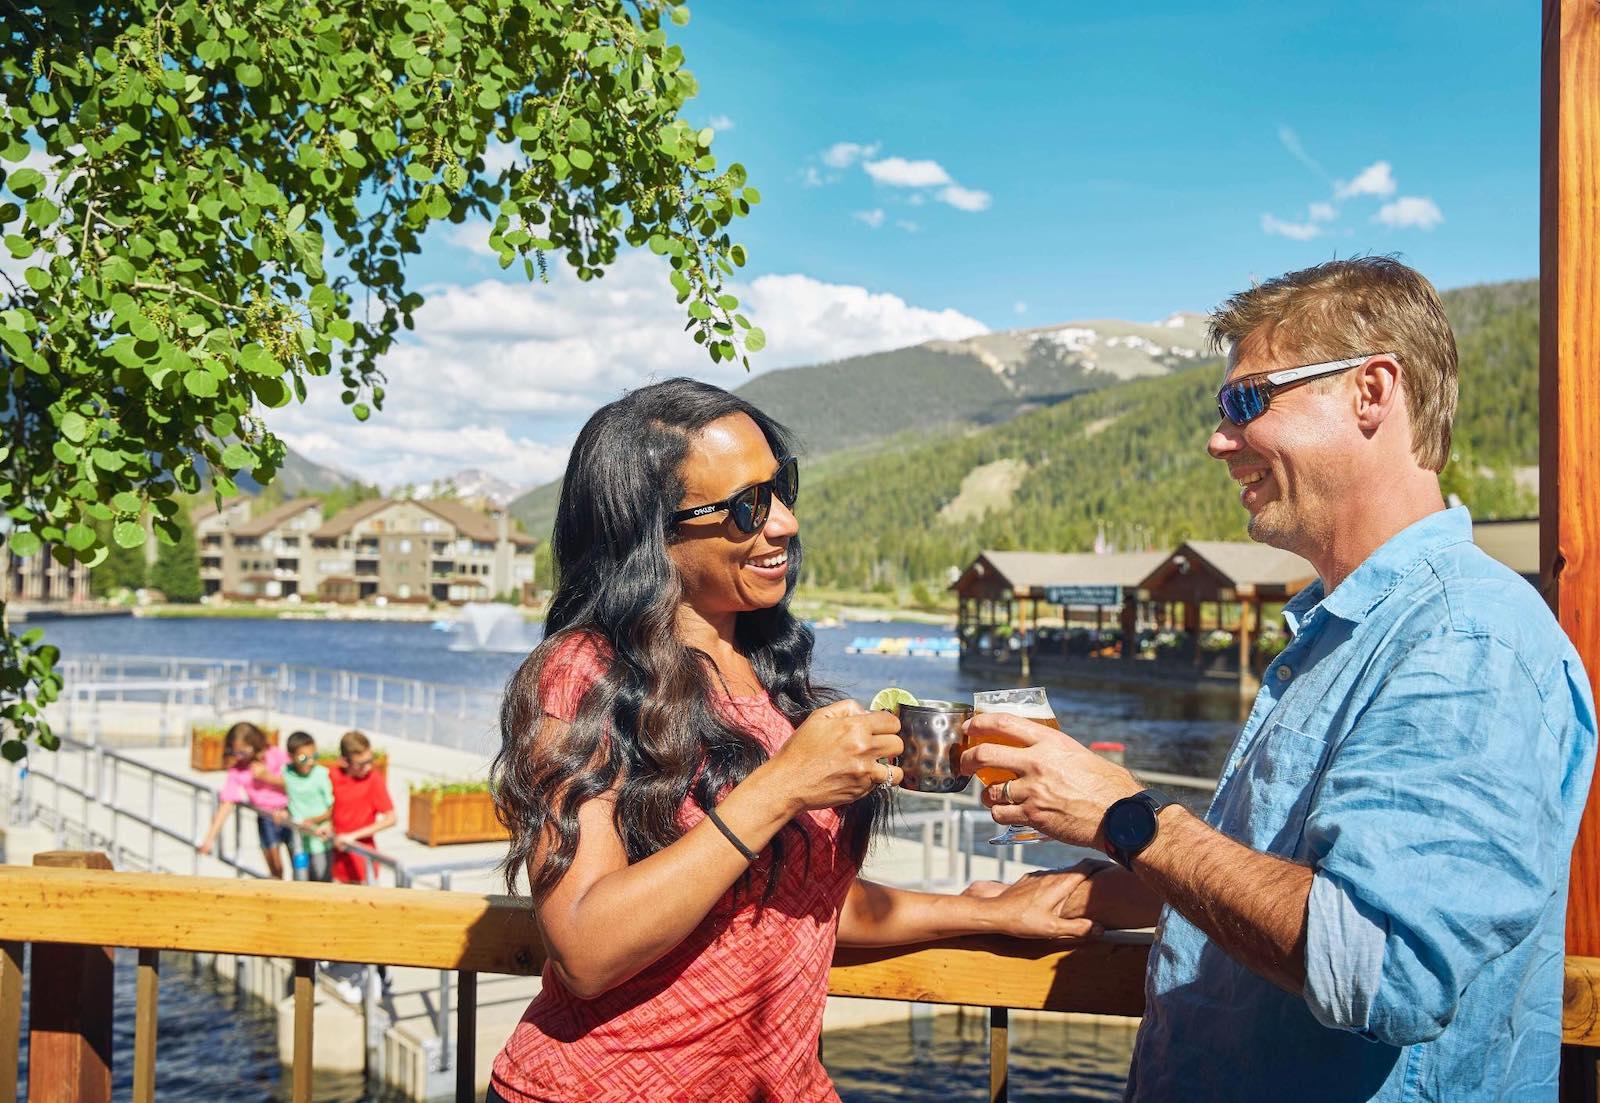 Gambar orang menikmati minuman di Keystone Resort di Colorado